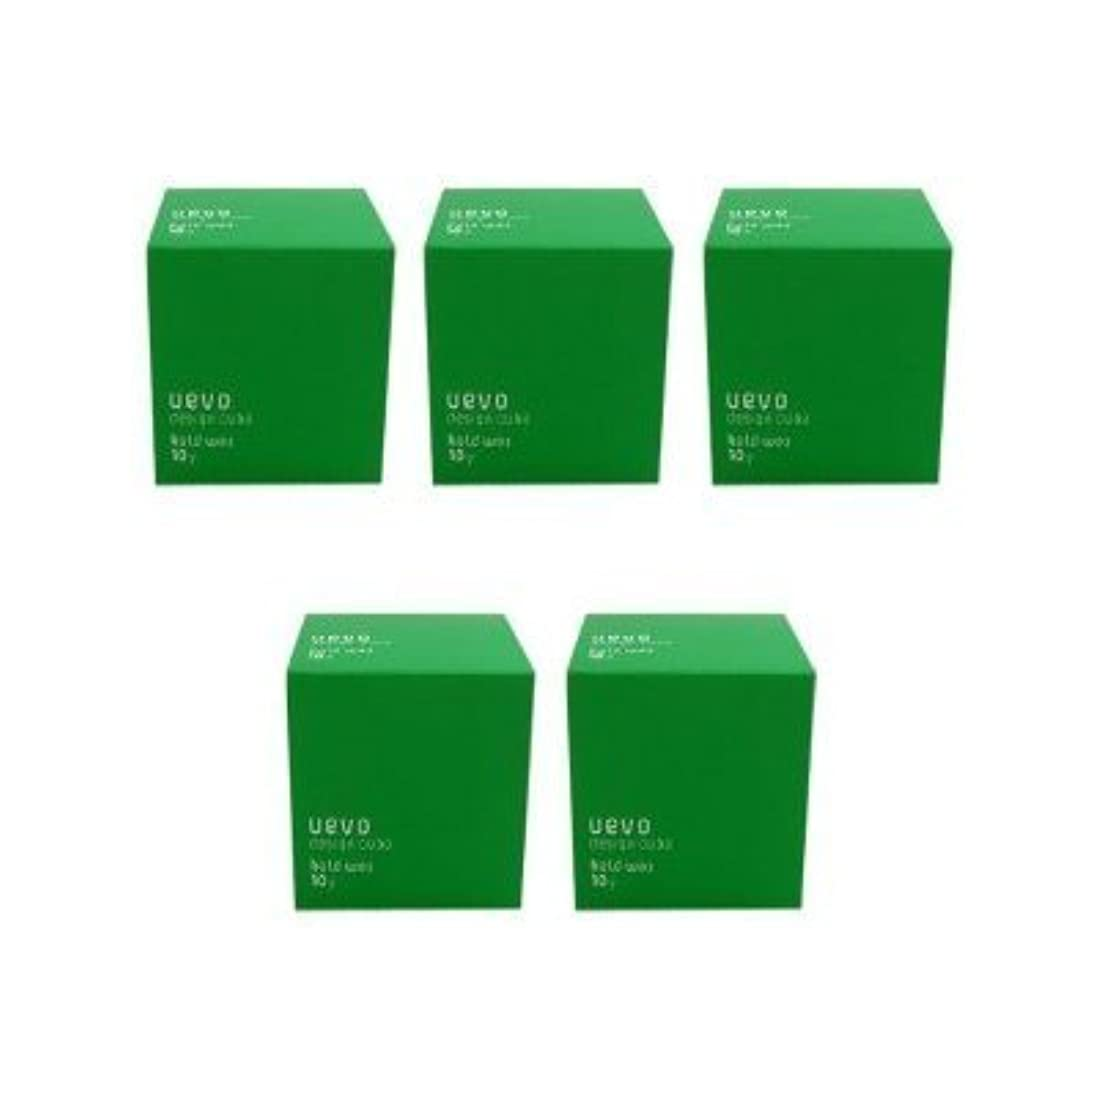 灰鼻ヤング【X5個セット】 デミ ウェーボ デザインキューブ ホールドワックス 80g hold wax DEMI uevo design cube